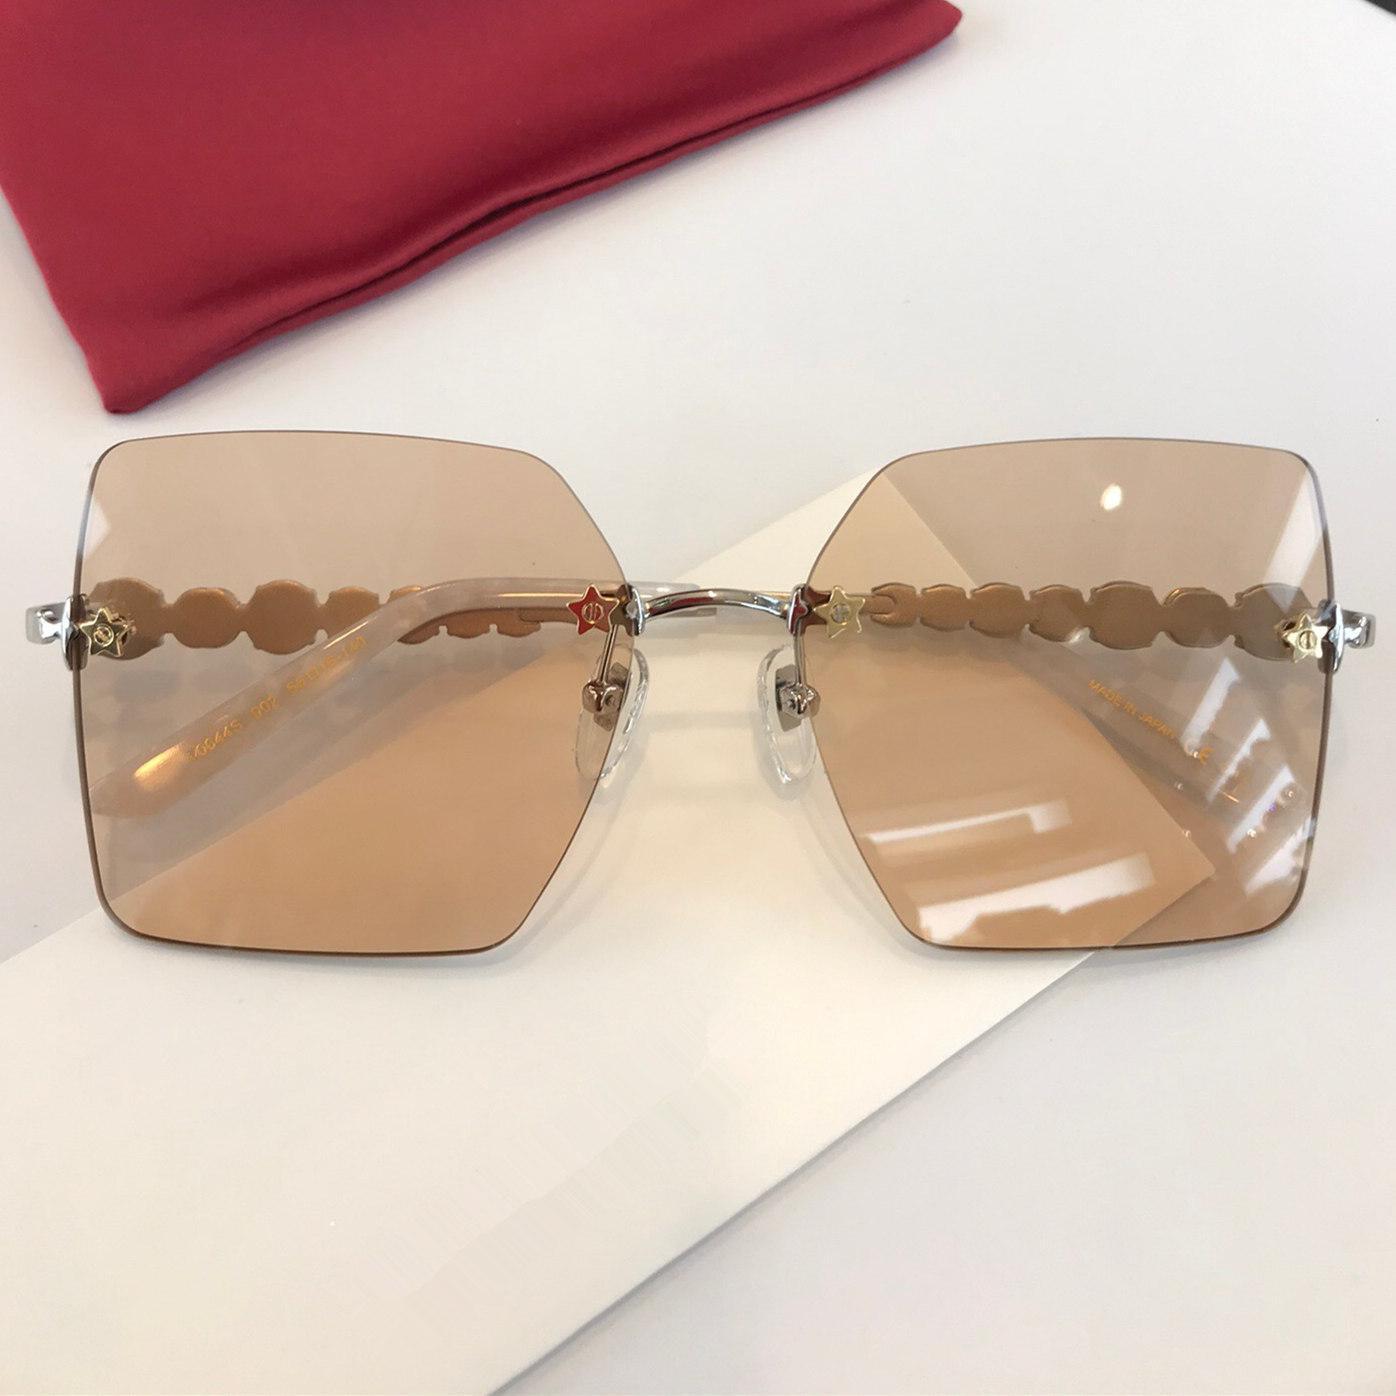 0644 Новая мода популярных солнцезащитные очки классические квадратная рамка высшего качества простой и элегантный стиль высшего качества защитные очки 0644S